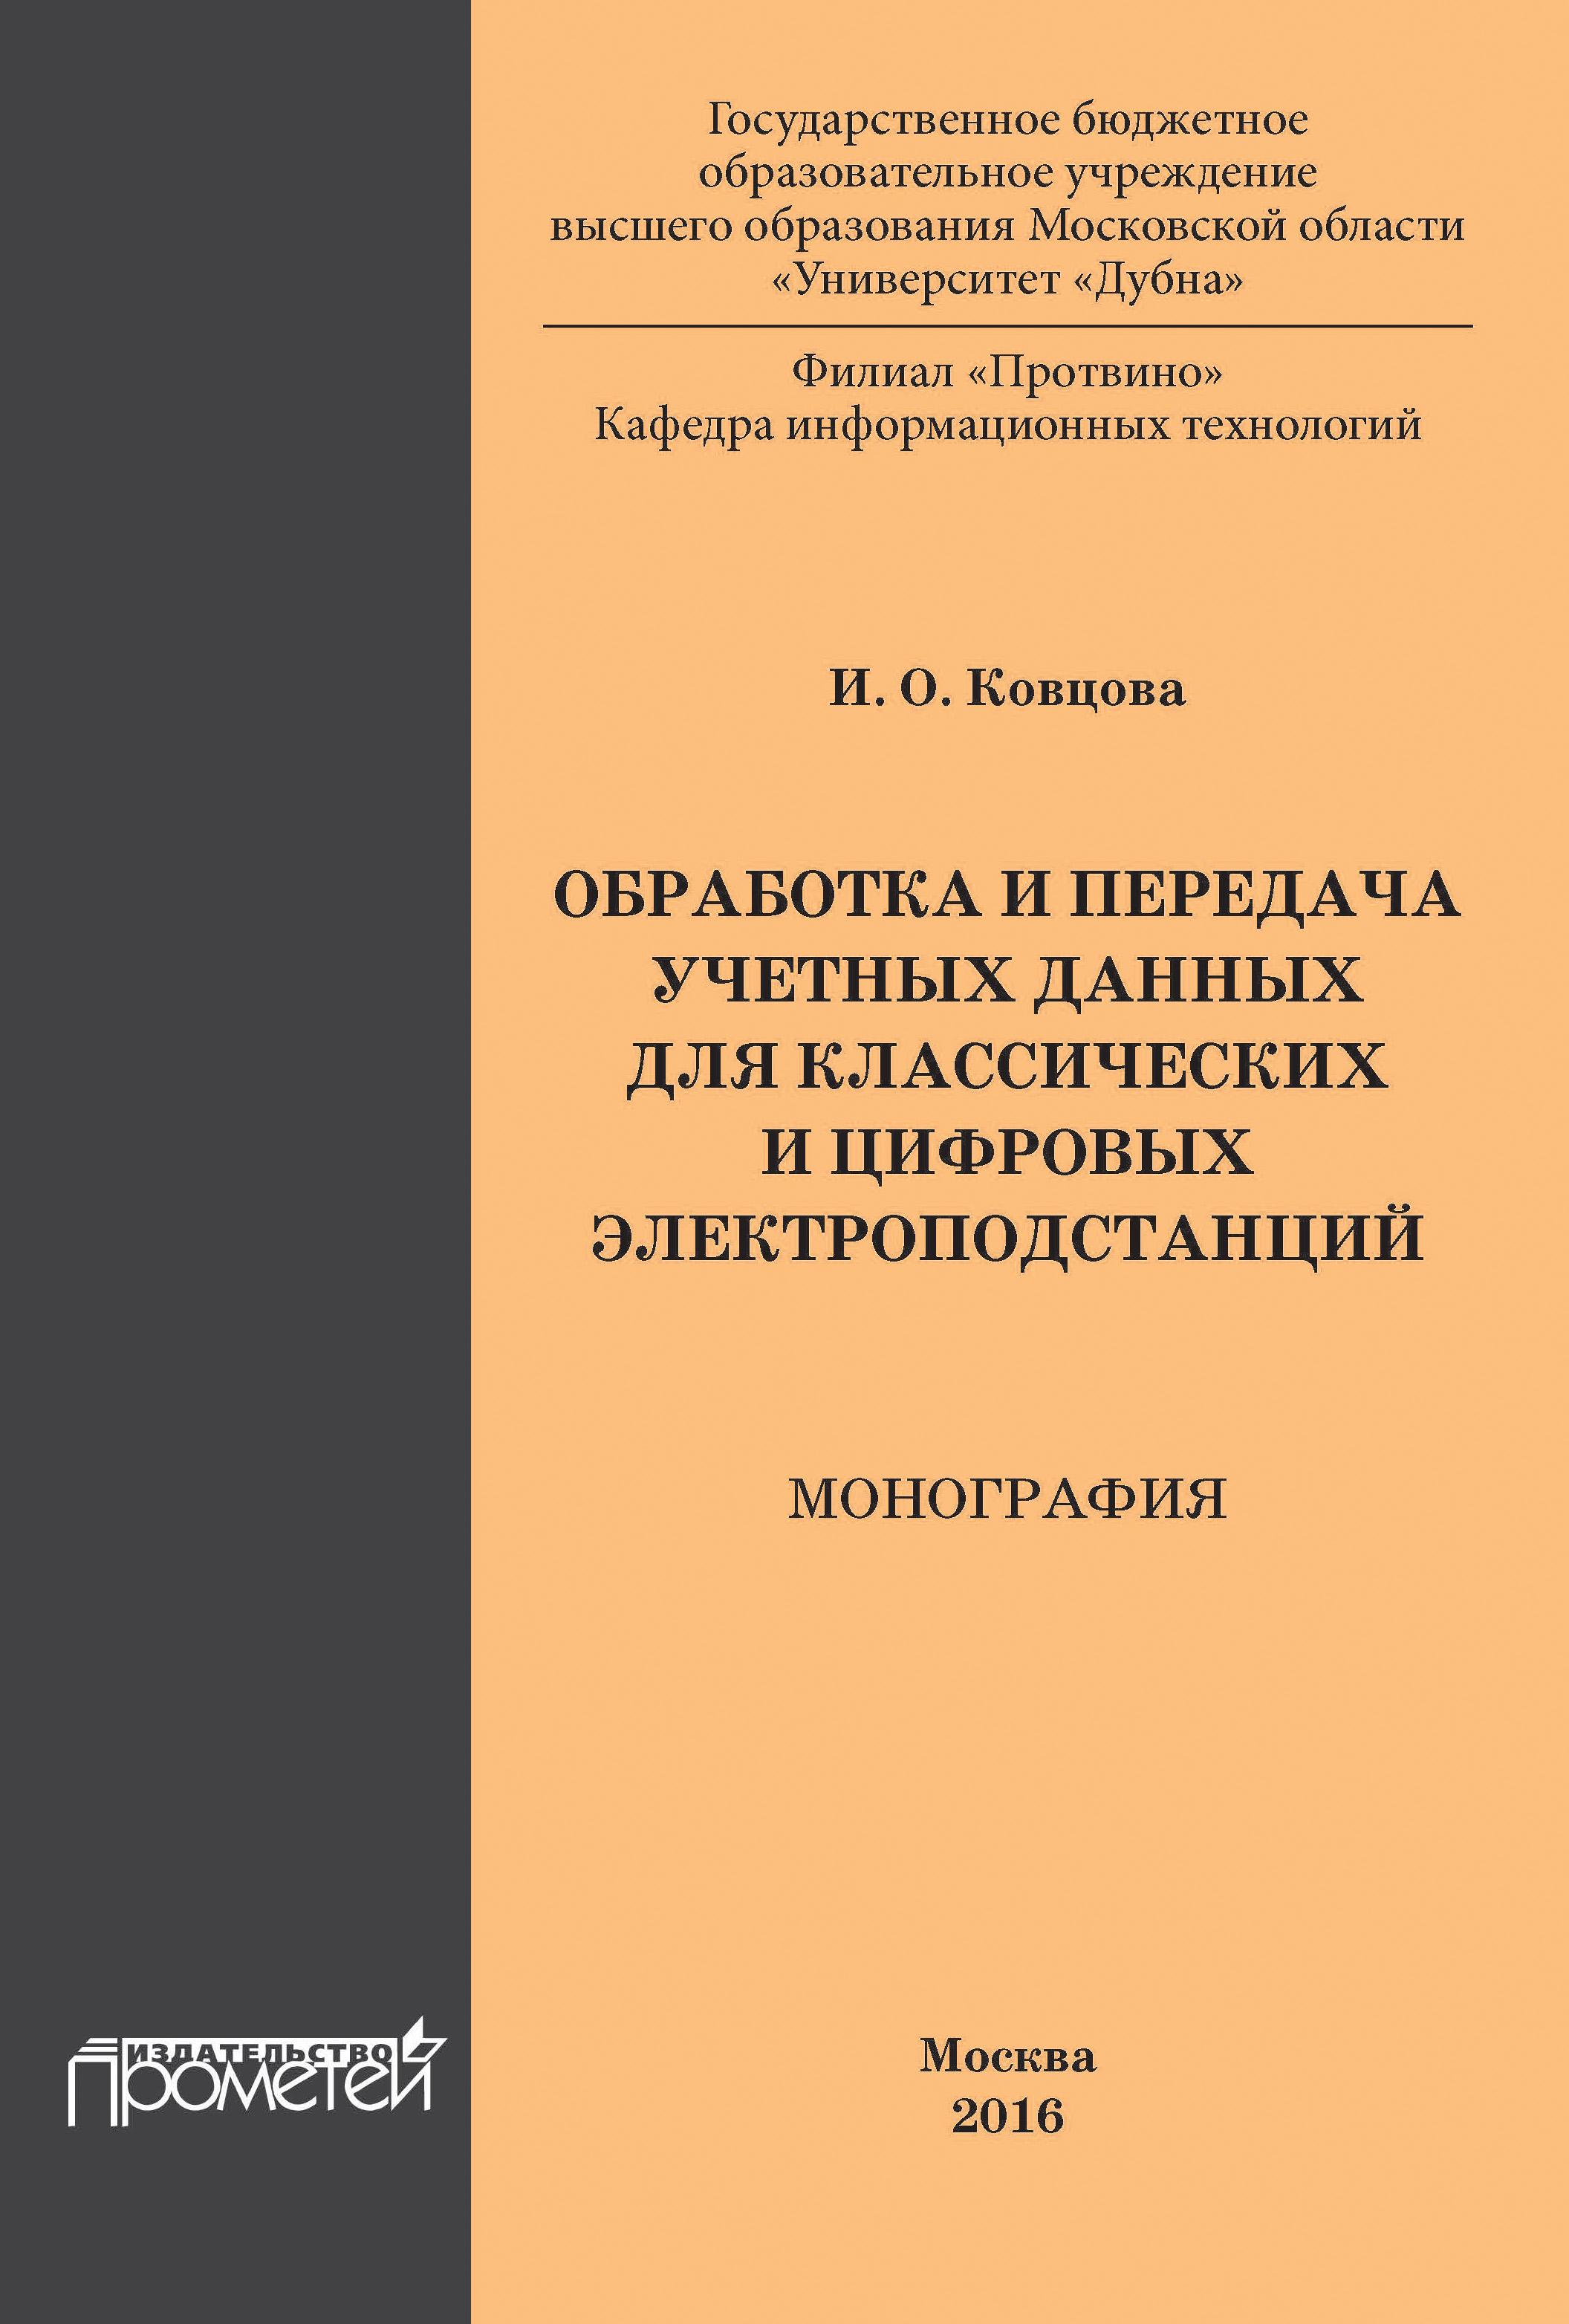 И. О. Ковцова Обработка и передача учетных данных для классических и цифровых электроподстанций